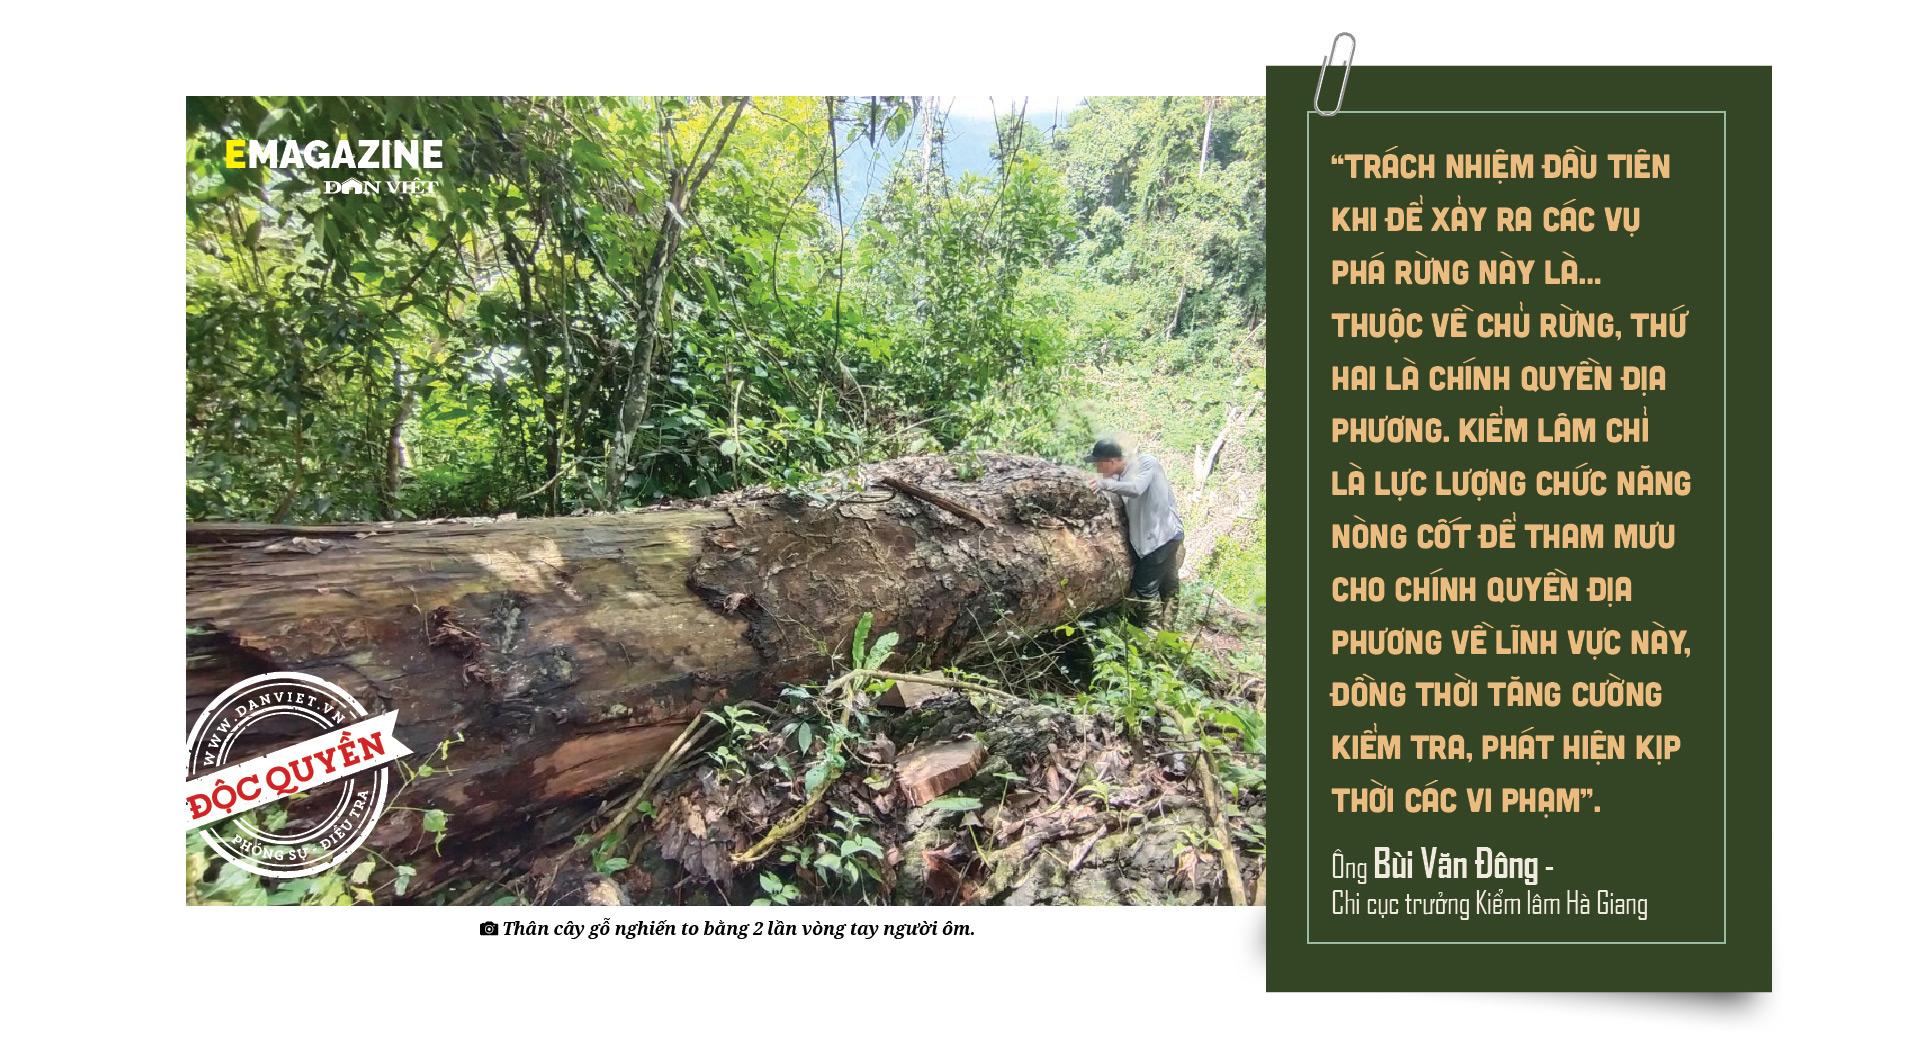 """Phía sau vụ """"thảm sát"""" rừng nghiến cổ thụ - Bài 4: Trách nhiệm của những công bộc giữ """"báu vật trên miền đá"""" - Ảnh 9."""